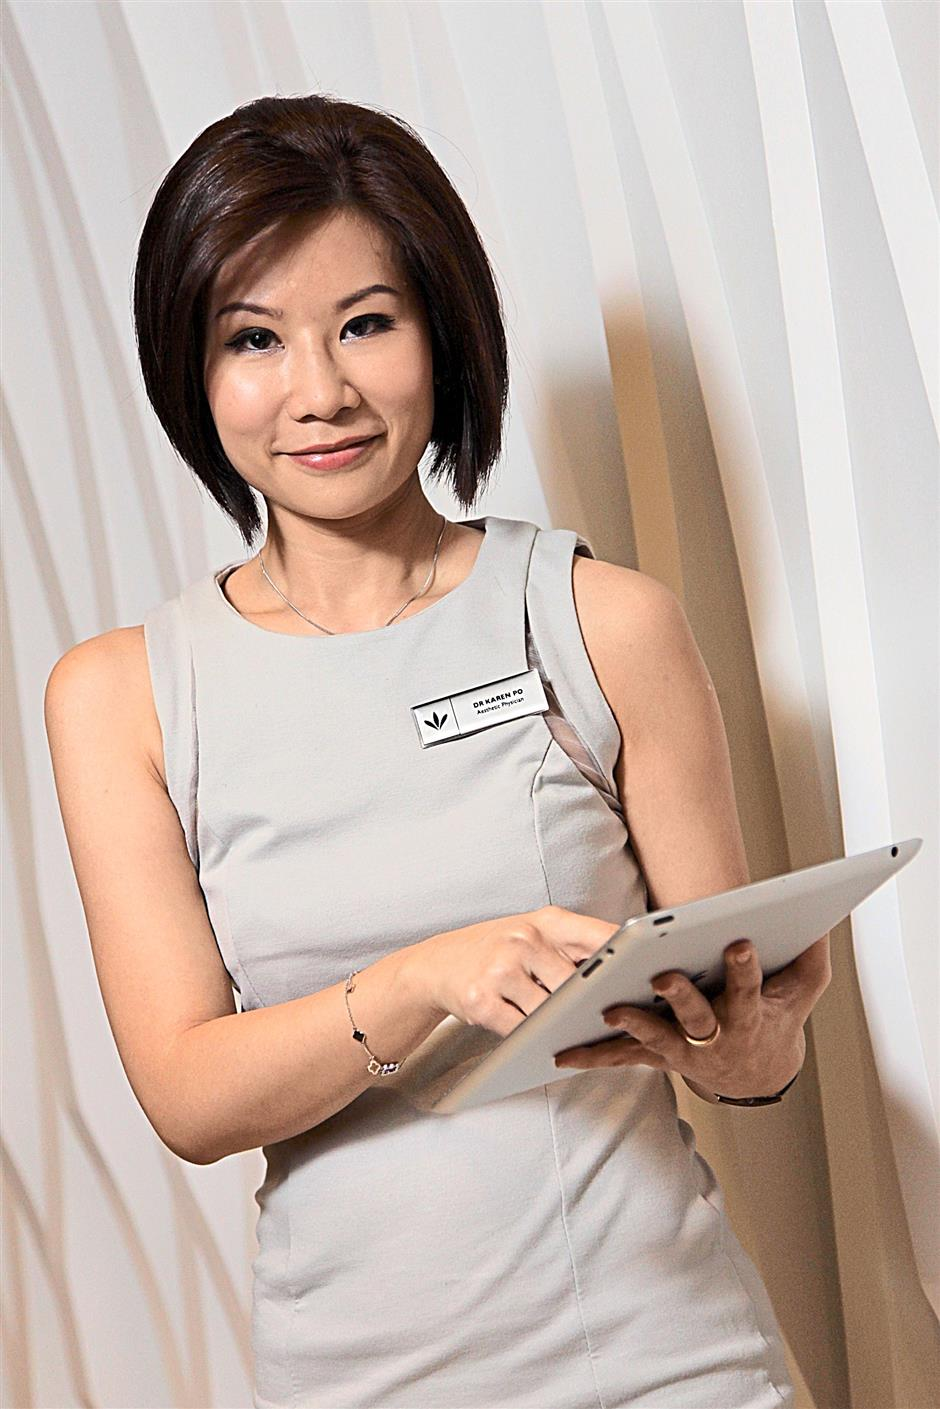 Consultant Aesthetic Physician Dr Karen Po. (do not reuse)